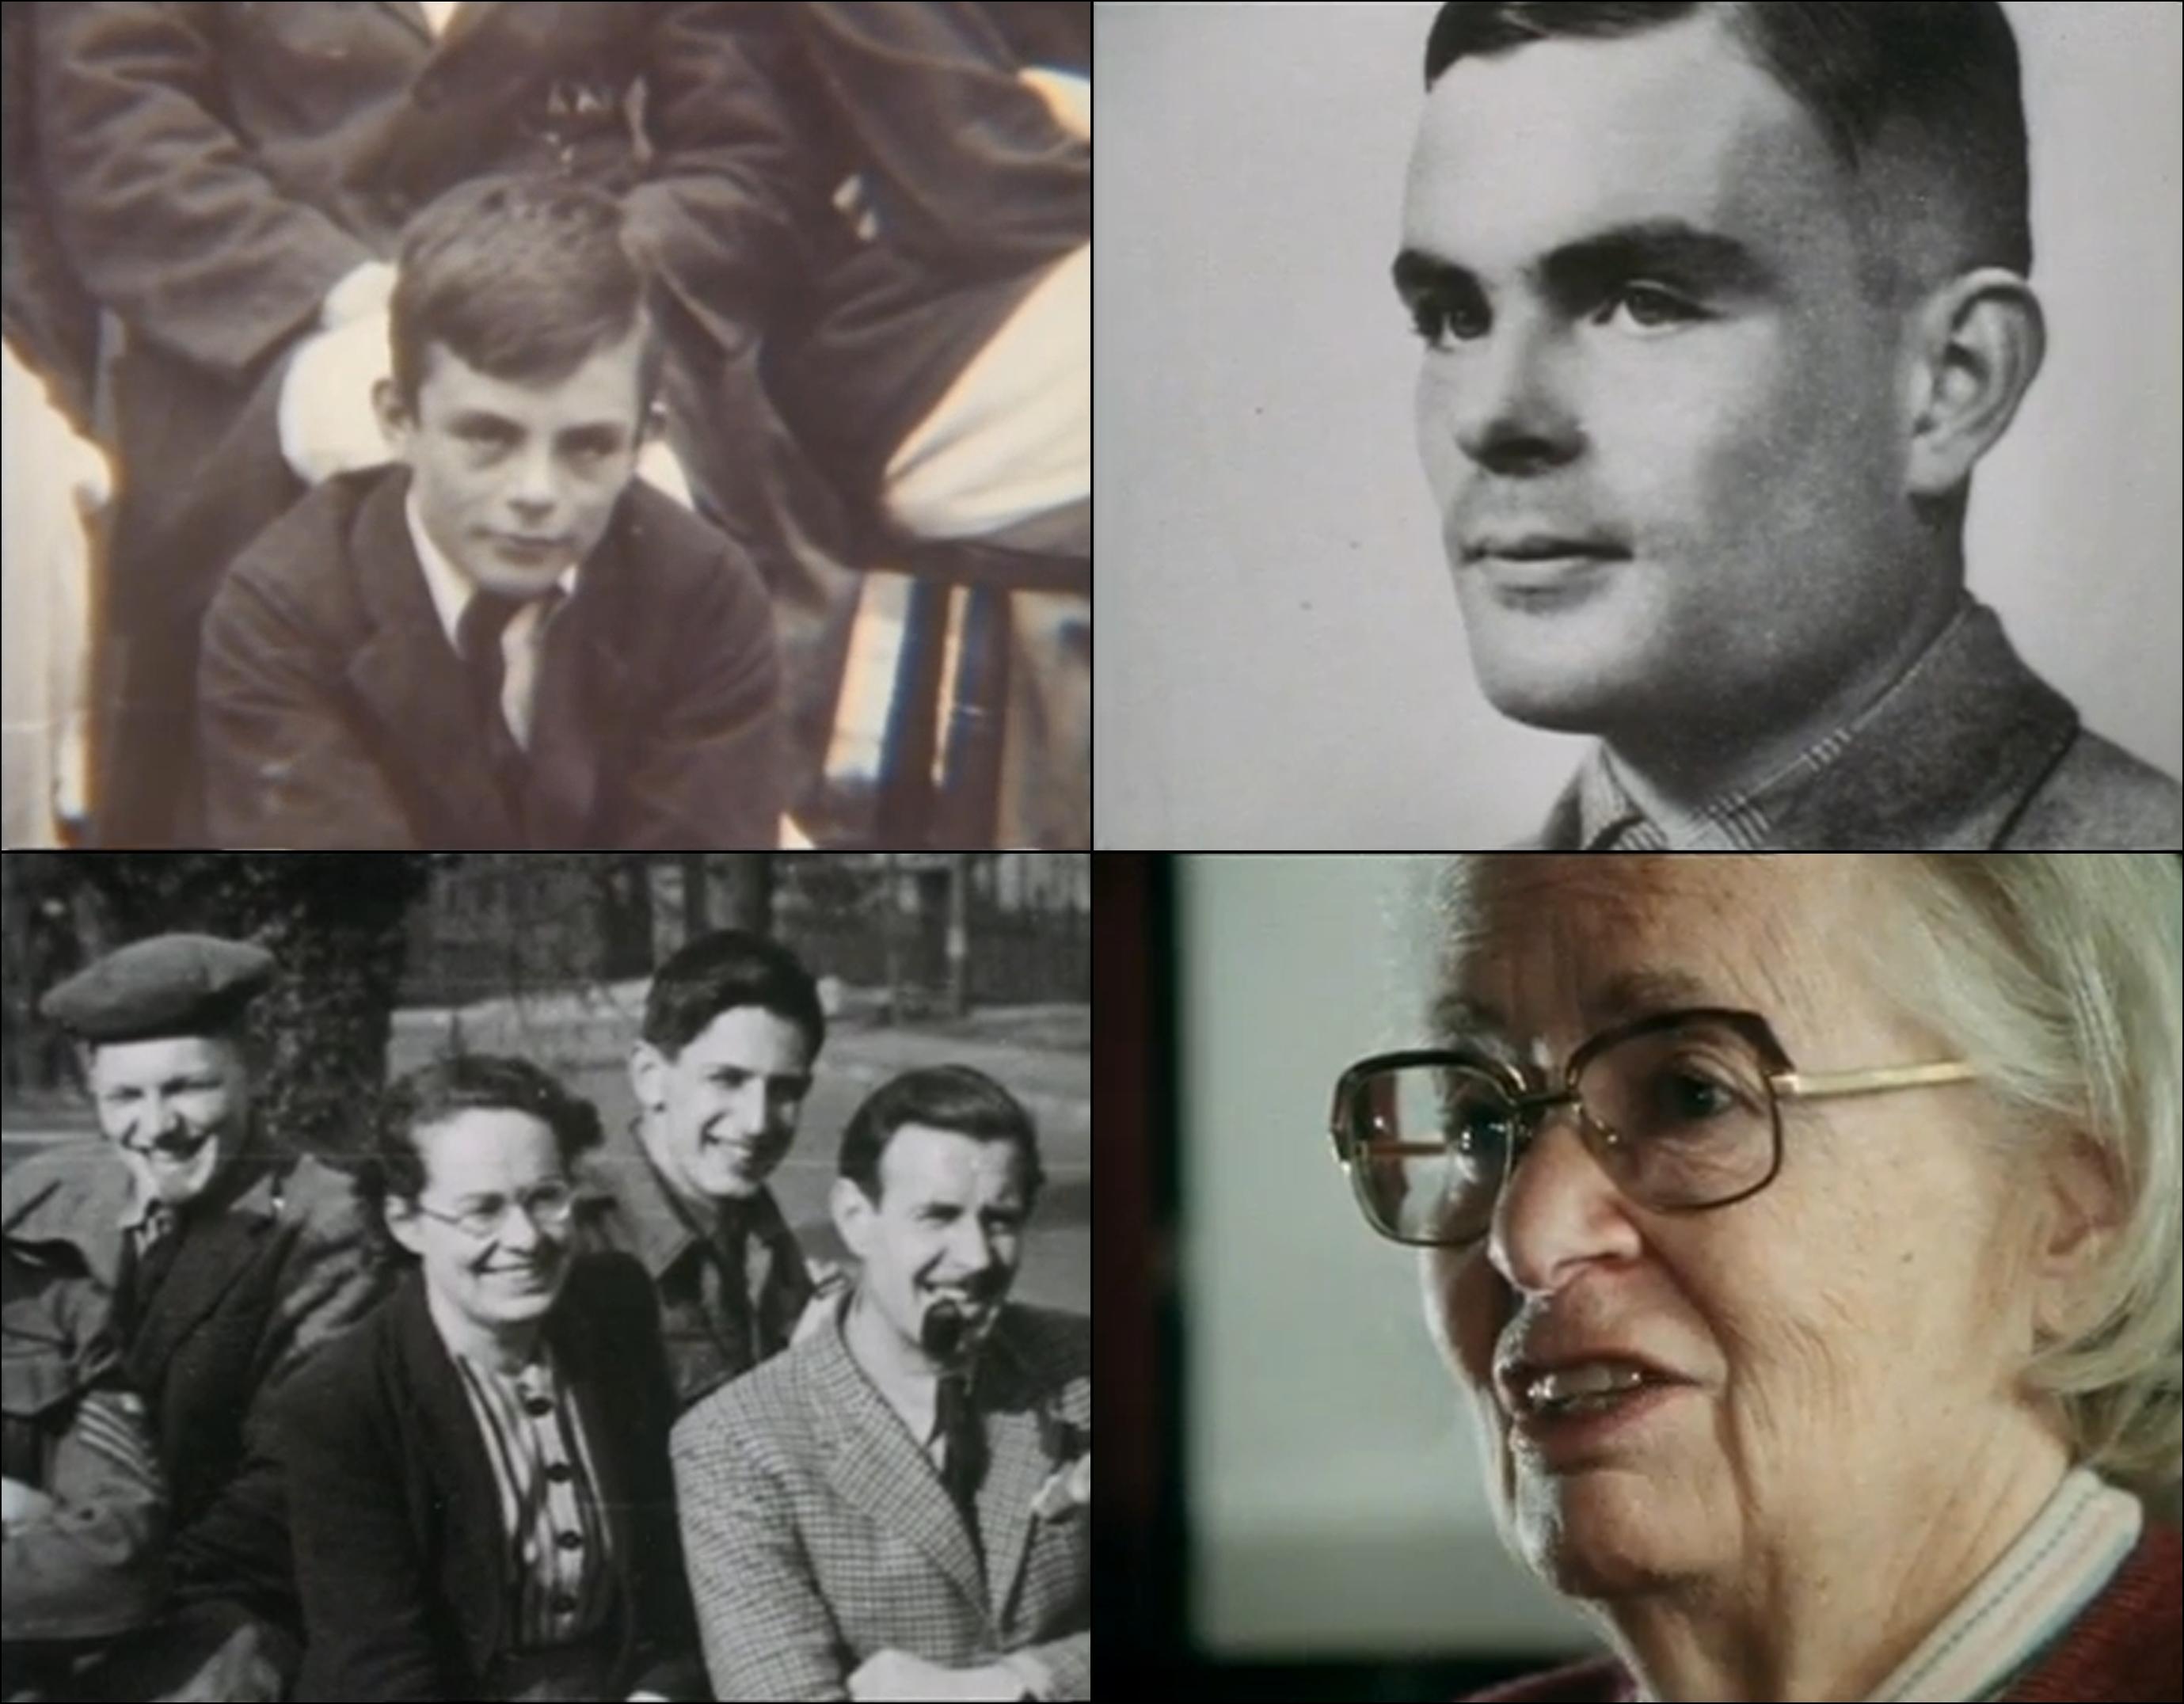 Alan Turing e Joan Clarke, em fases distintas de suas vidas.